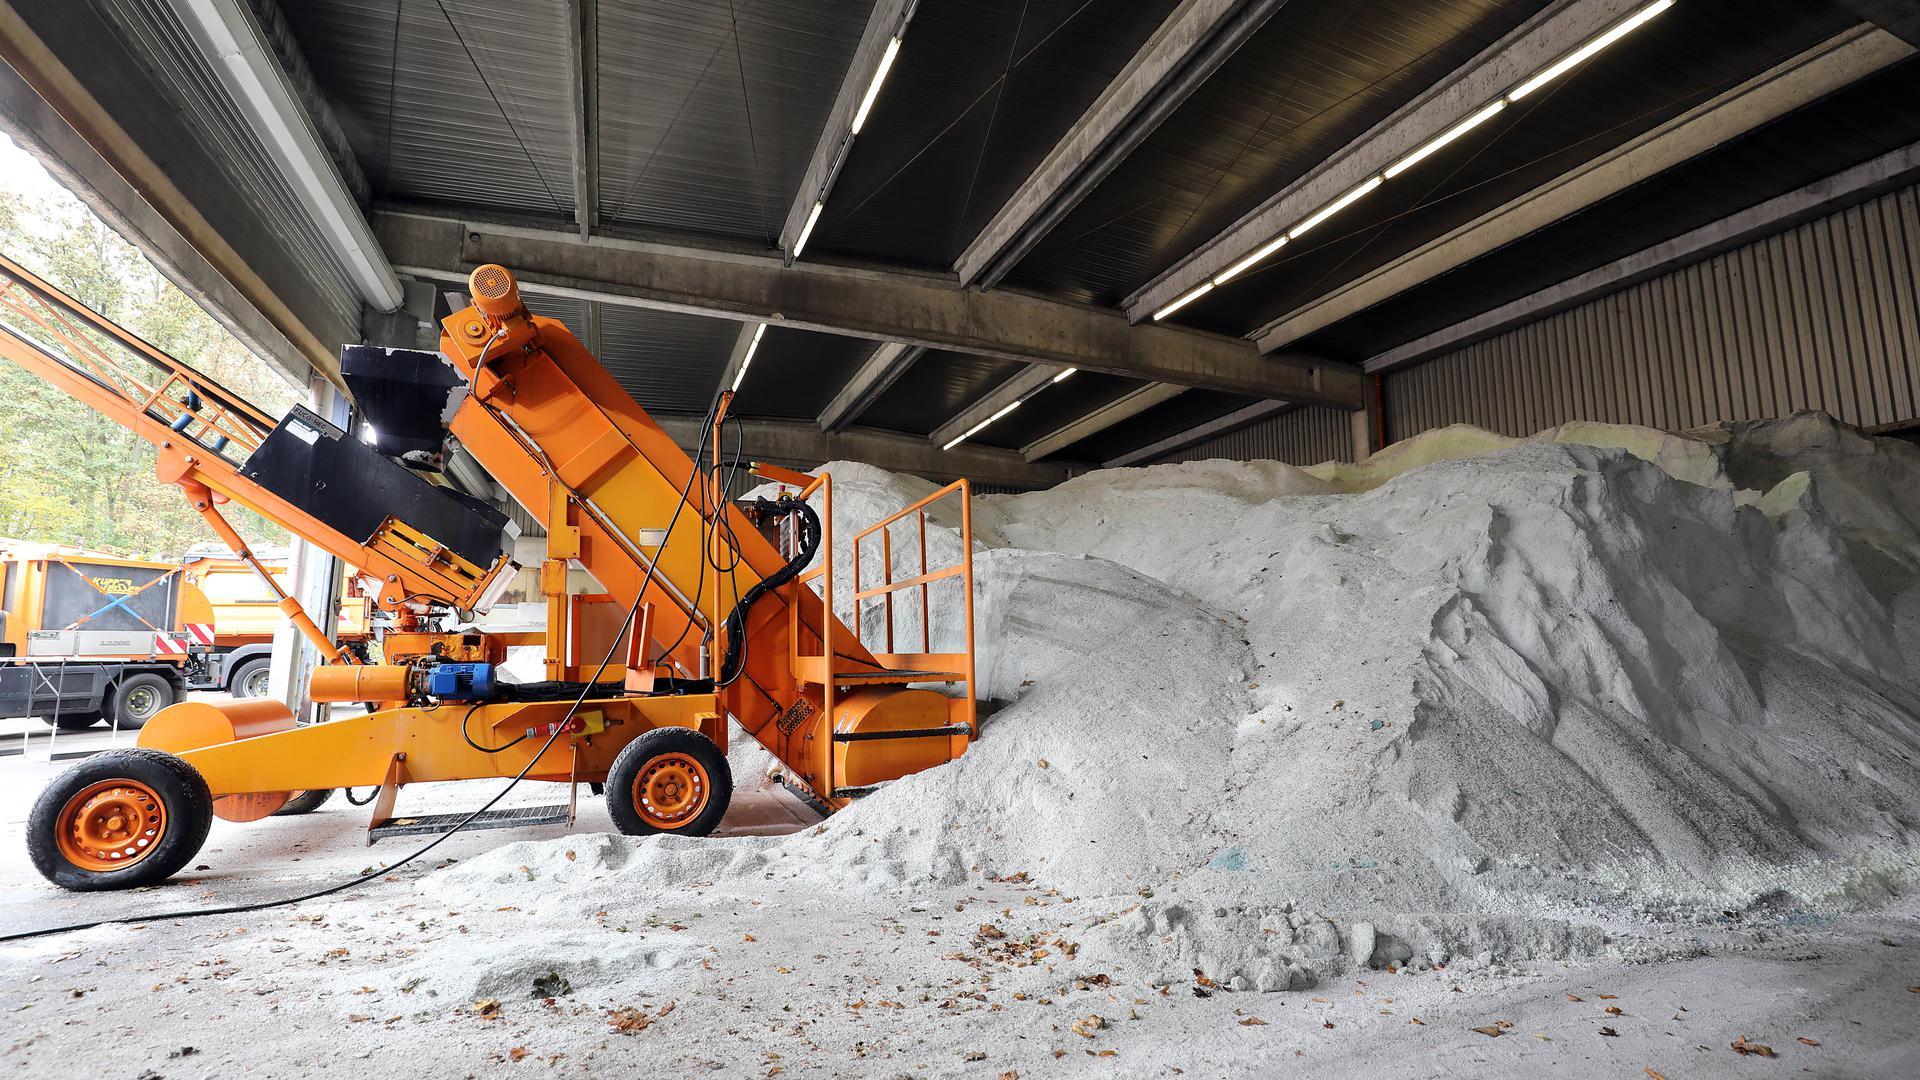 Die Lager sind voll. Das Amt für Abfallwirtschaft kann auf rund 6.500 Tonnen Streusalz zurückgreifen